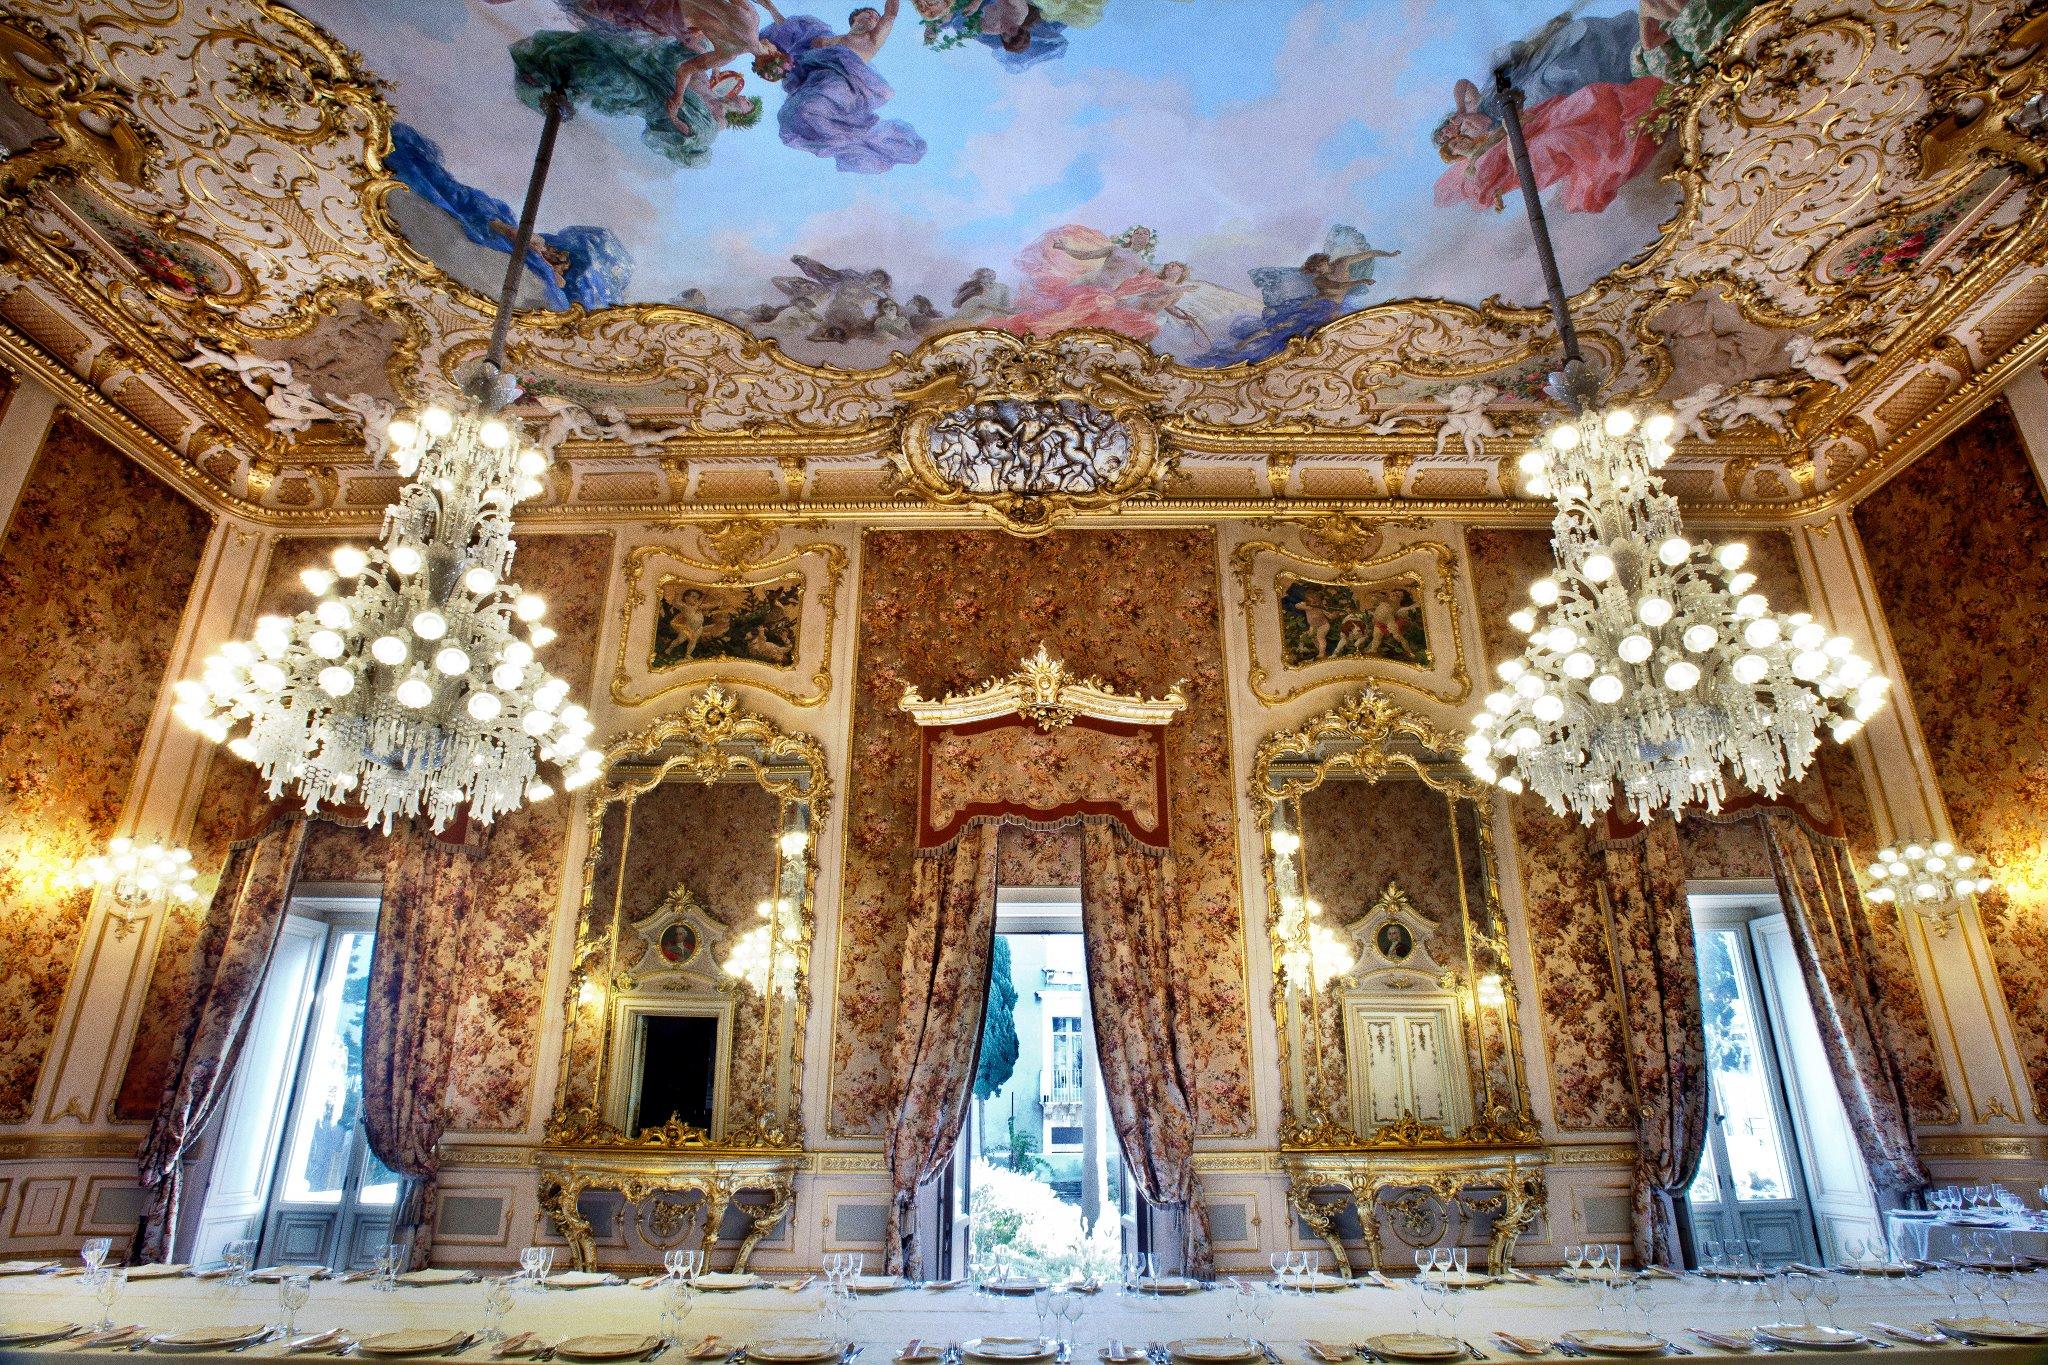 Palazzo manganelli le visite guidate bed and breakfast for Immagini di interni